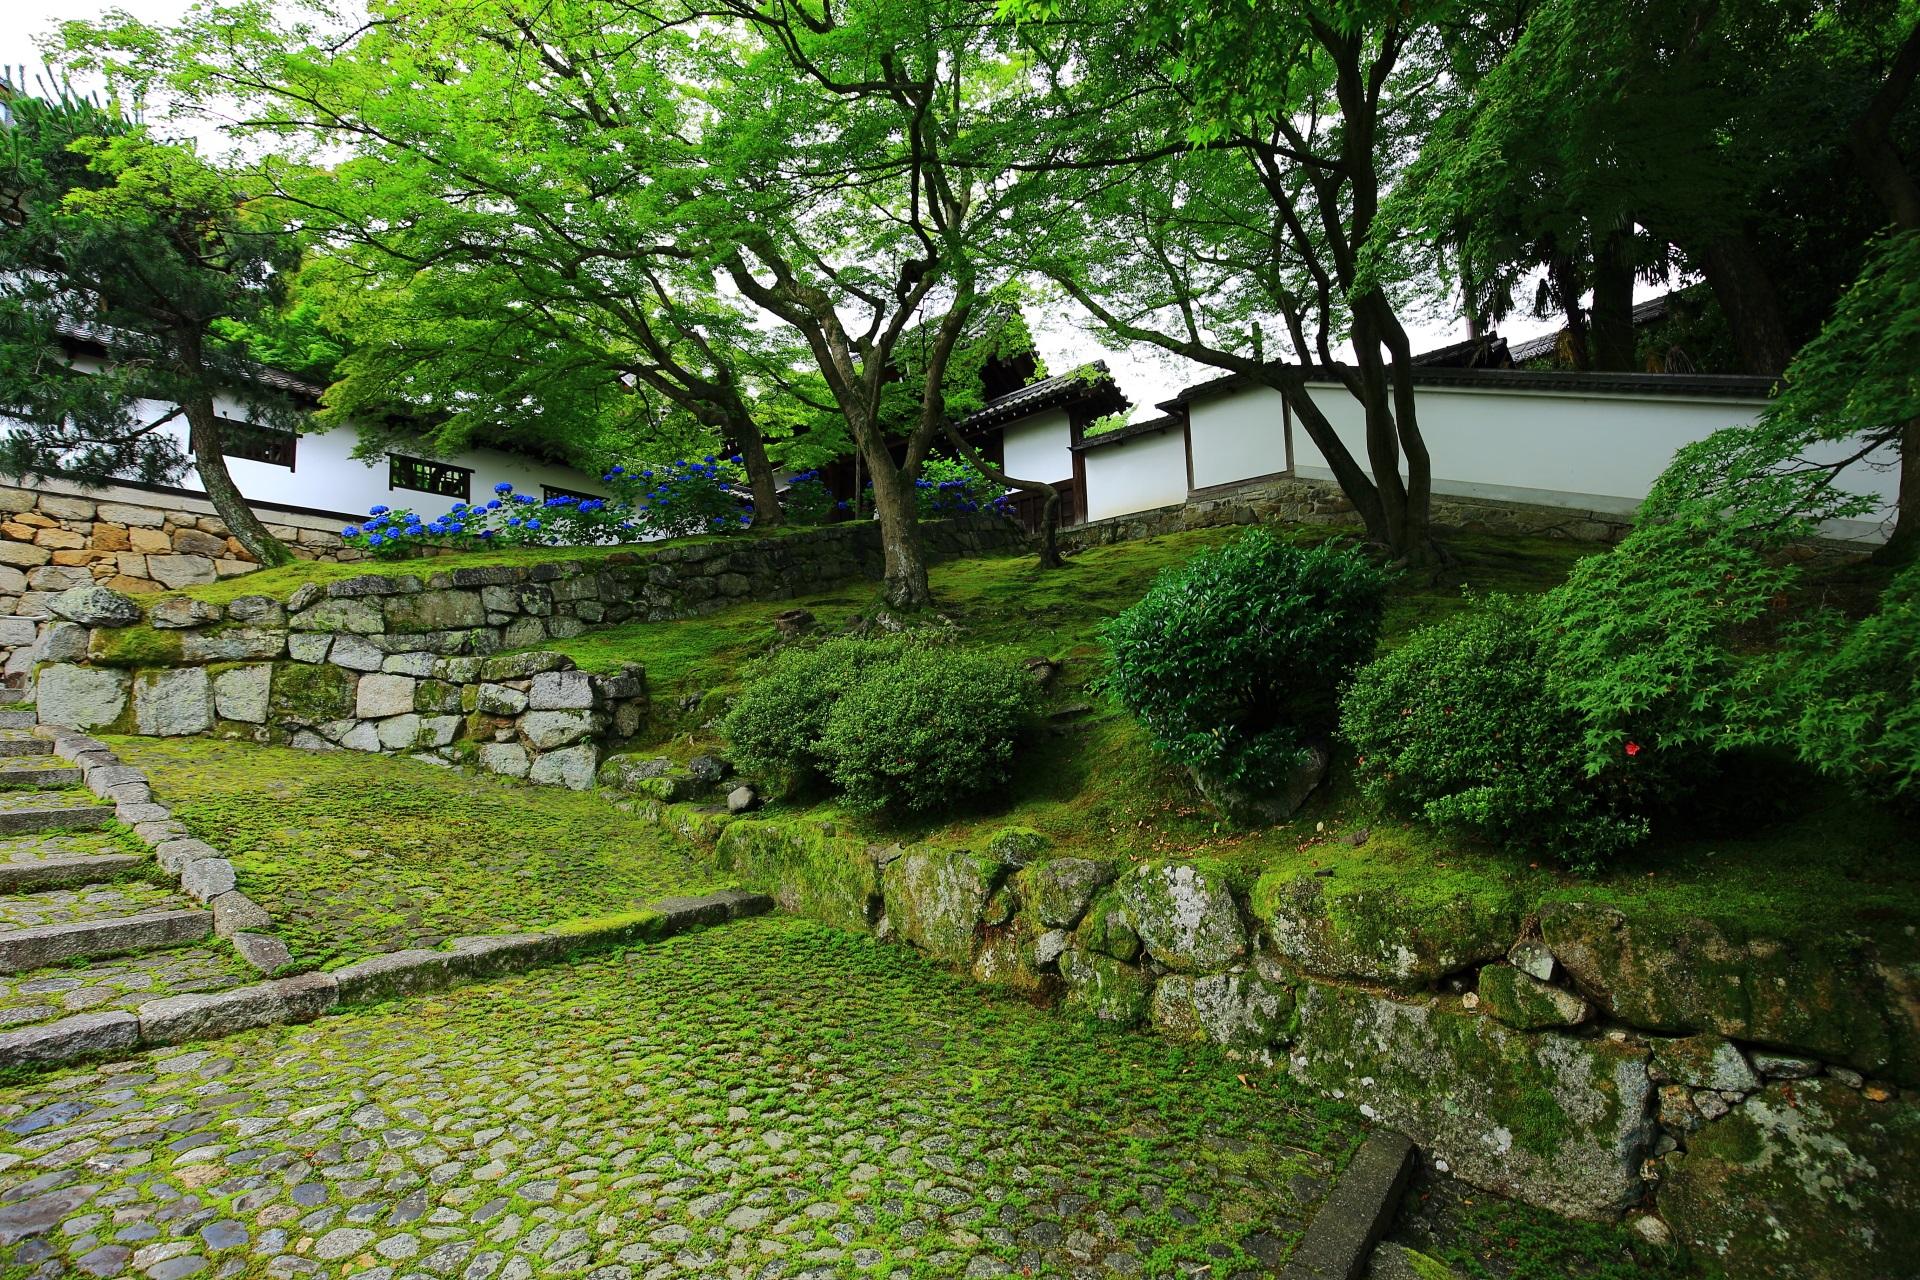 白壁と石垣に映える美しい苔と紫陽花の素晴らしい初夏の情景